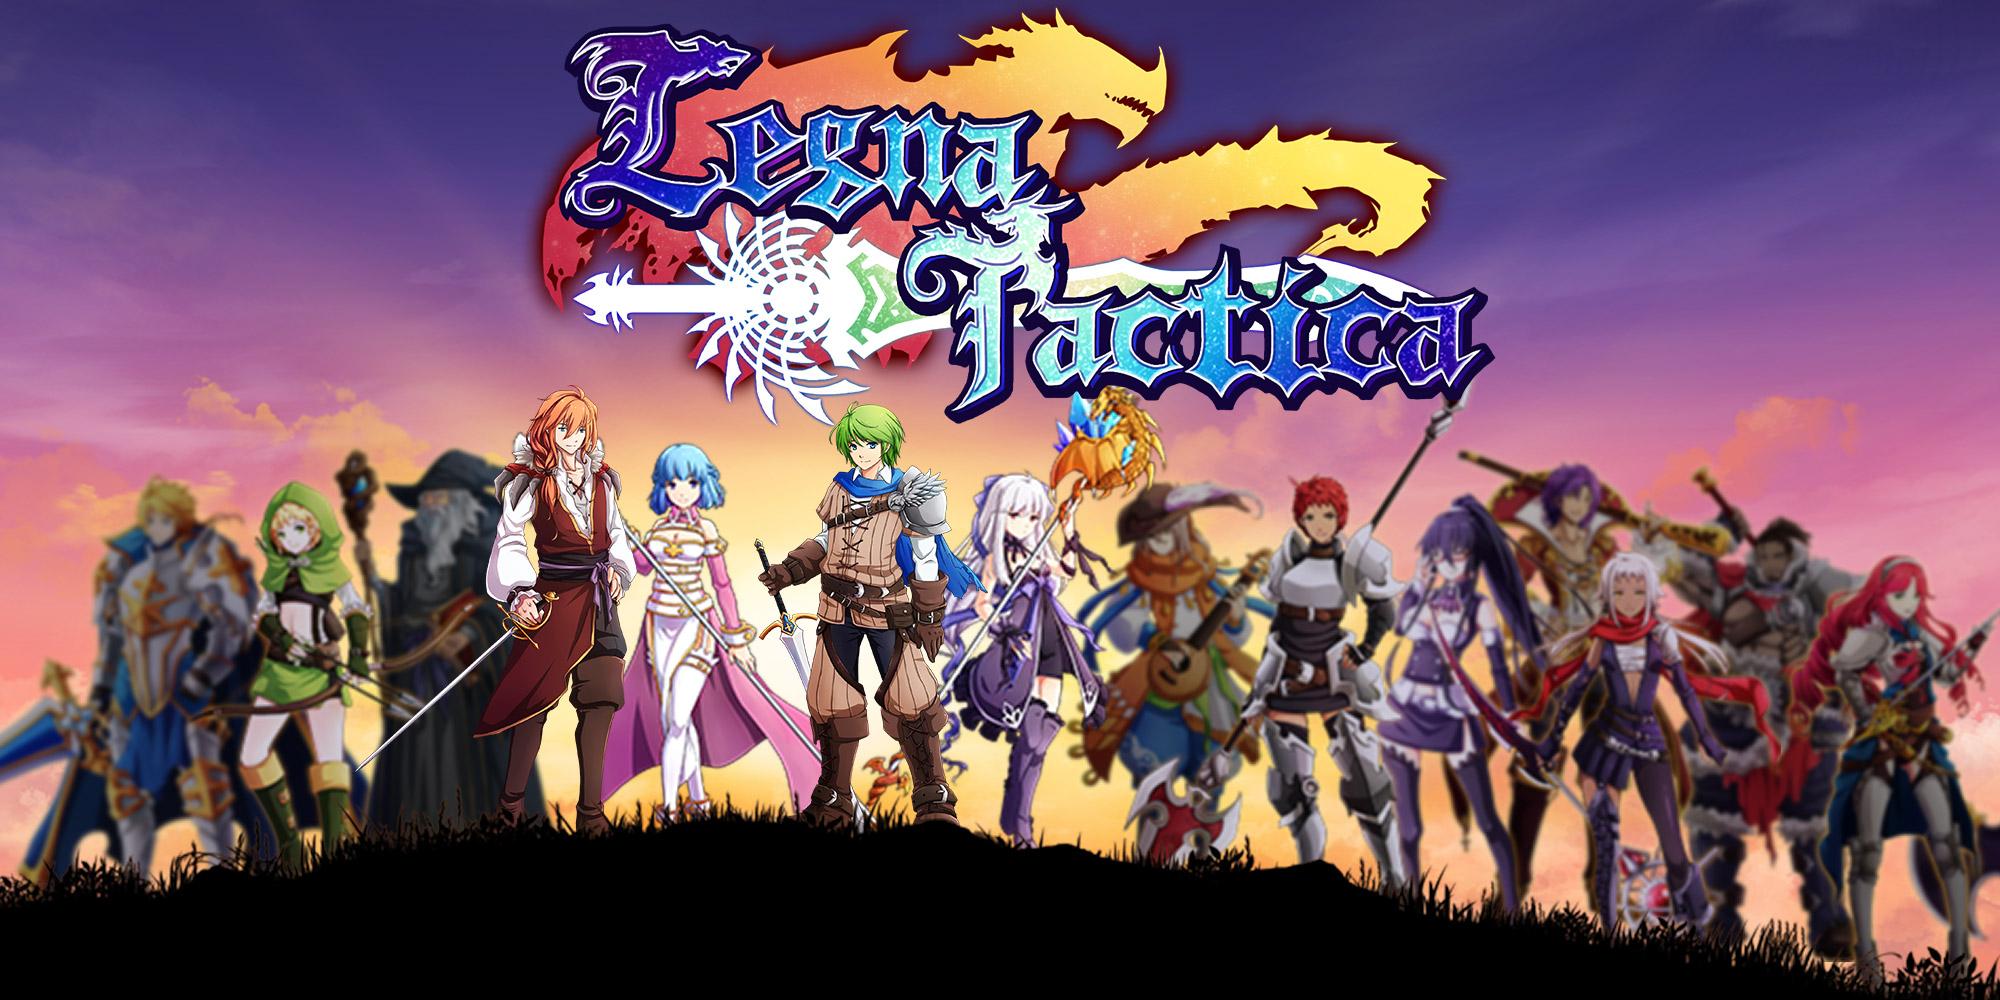 Legna tactica nintendo 3ds download software games nintendo